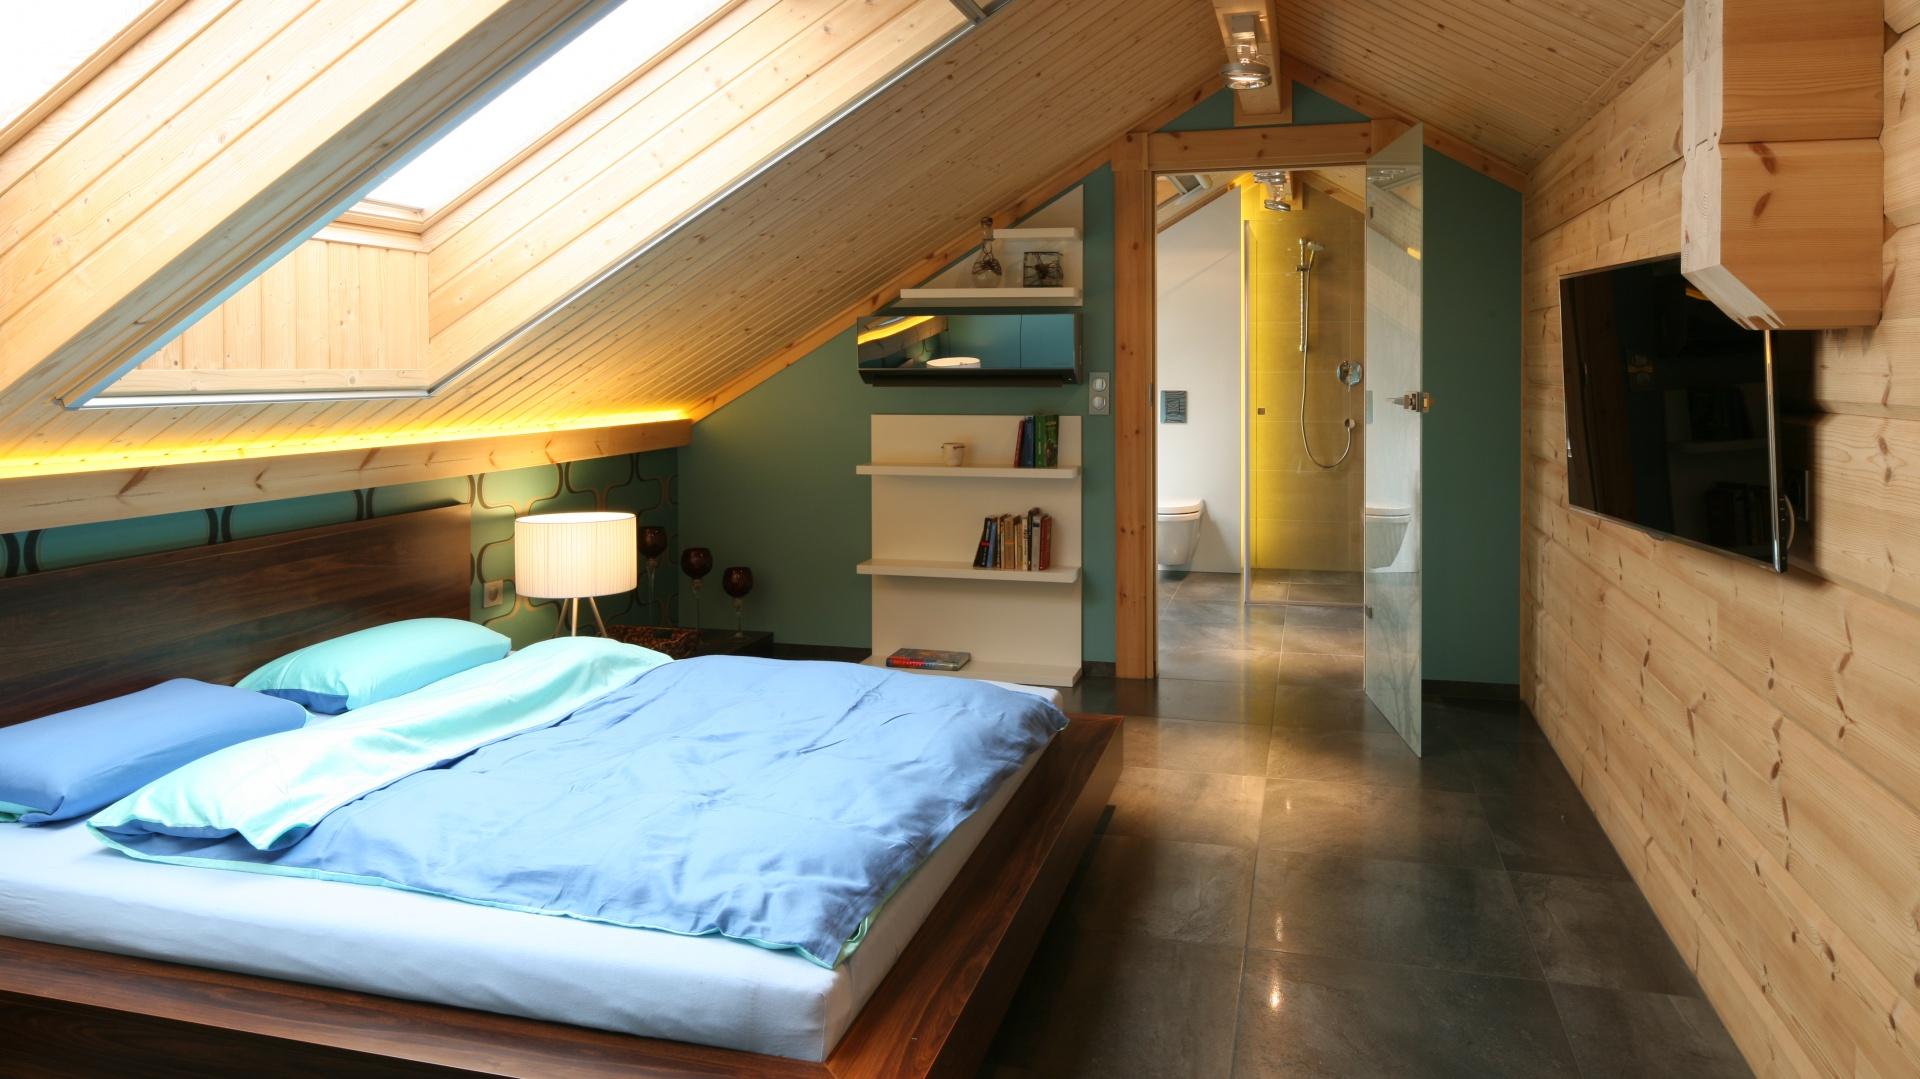 Strefa poddasza została podzielona na sypialnie i sąsiadującą z nią łazienkę. Obie przestrzenie łączy podobna stylistyka, kolor i materiały. Projekt: Tomasz Motylewski,  Marek Bernatowicz. Fot. Bartosz Jarosz.